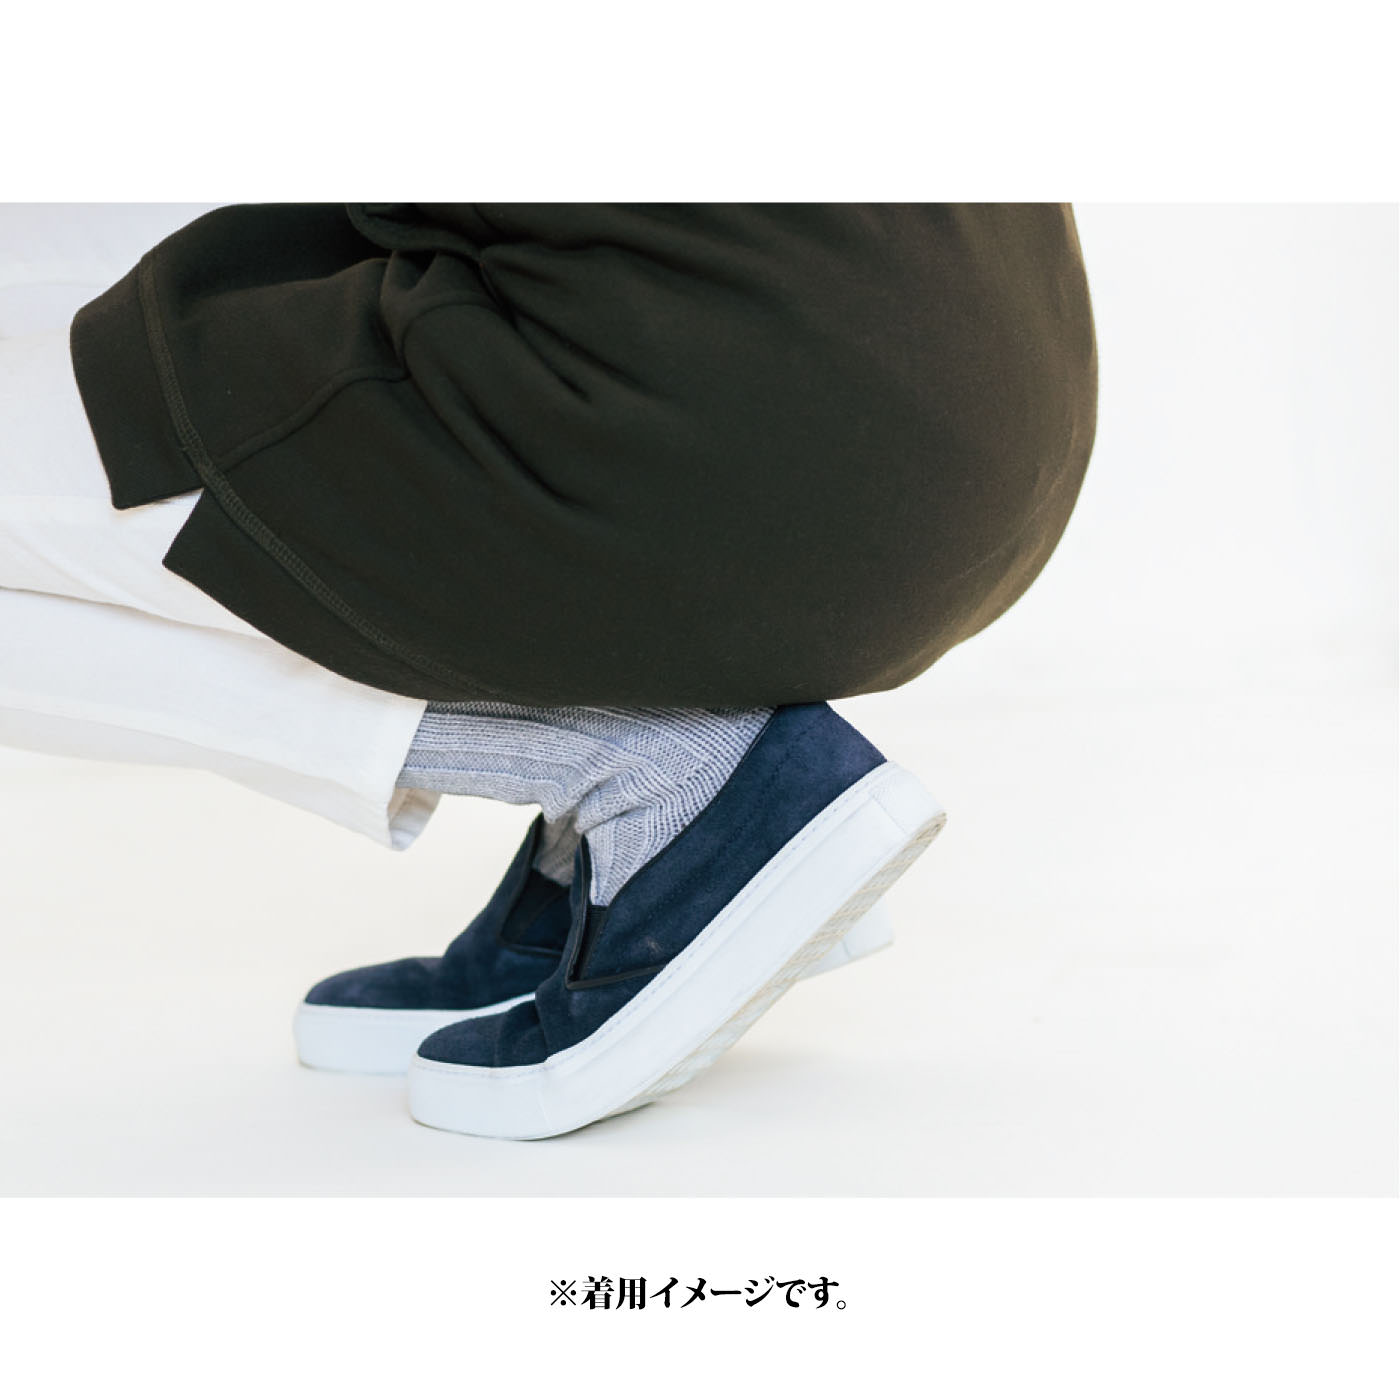 しゃがんでも動いても、腰・ヒップまわりをすっぽりカバーする丈感でぬくもりキープ。 ※お届けするカラーとは異なります。